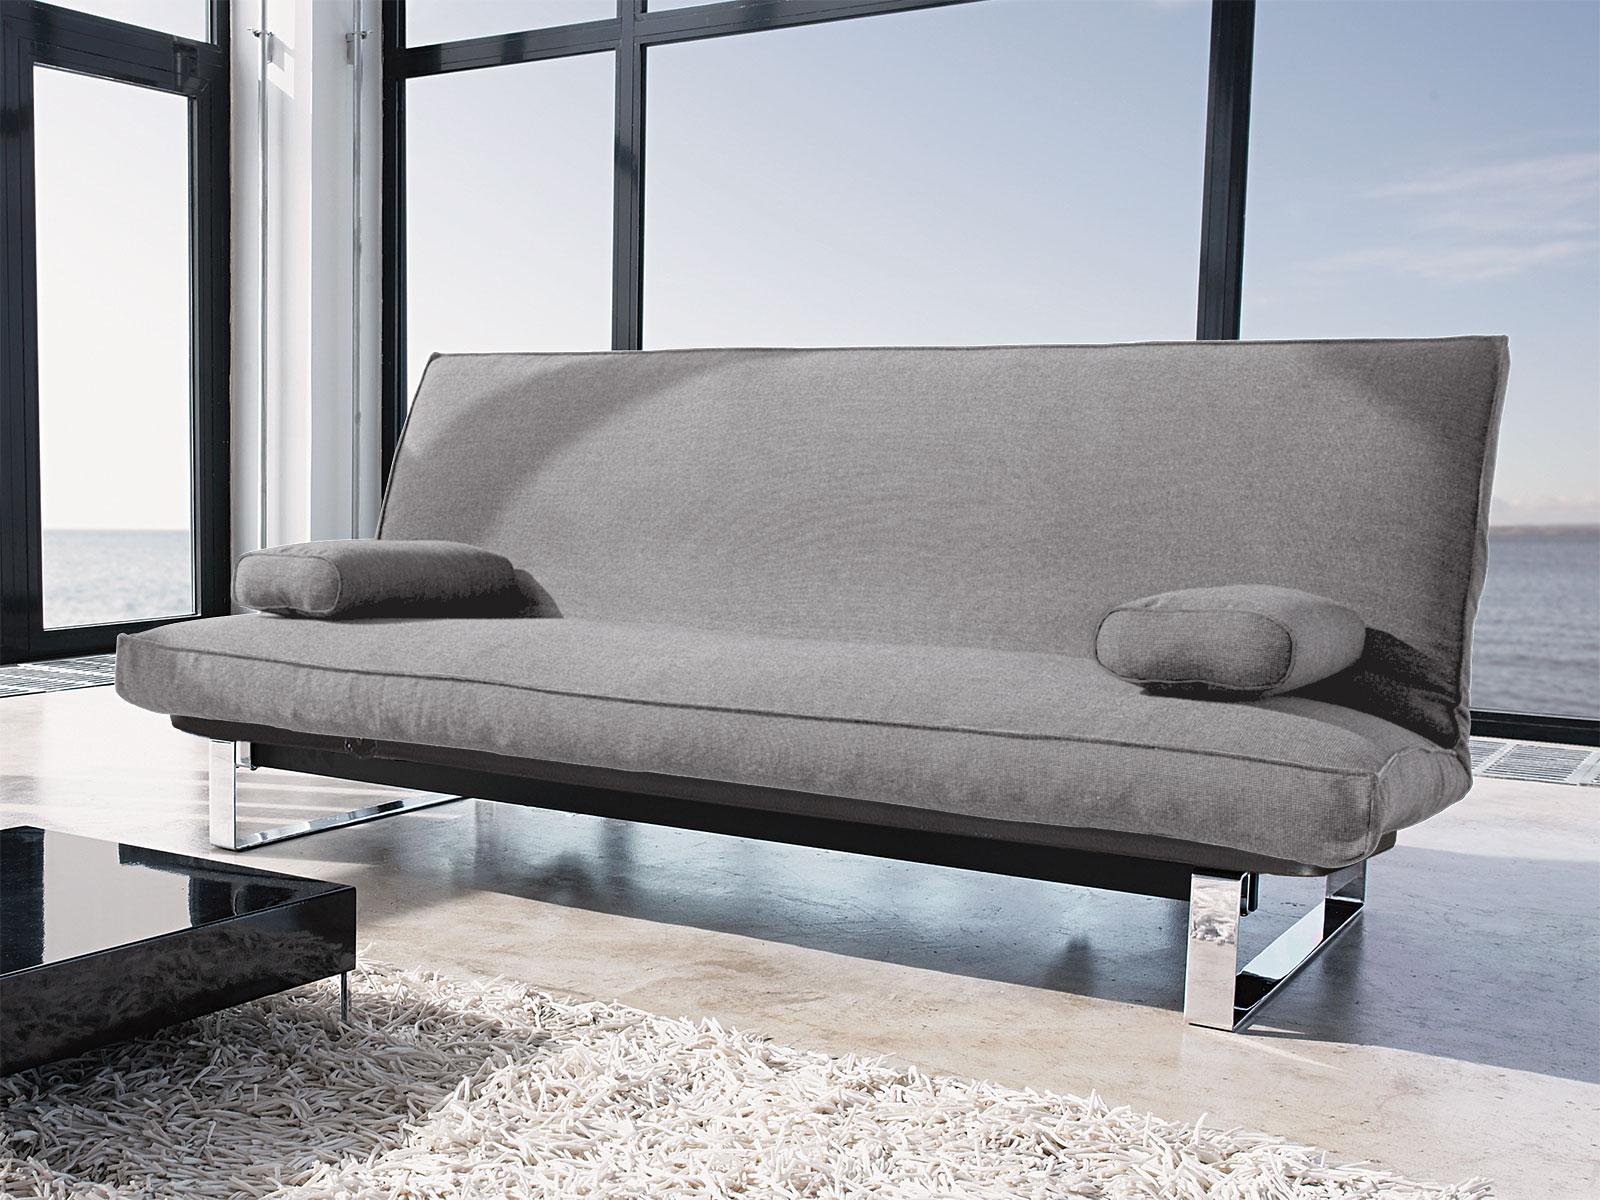 Full Size of Schlafsofa Gnstig Auf Rechnung Online Kaufen Bettende Sofa Patchwork Himolla Creme Bunt Garnitur überwurf Stressless Günstige Betten 180x200 Grün Sofa Günstige Sofa